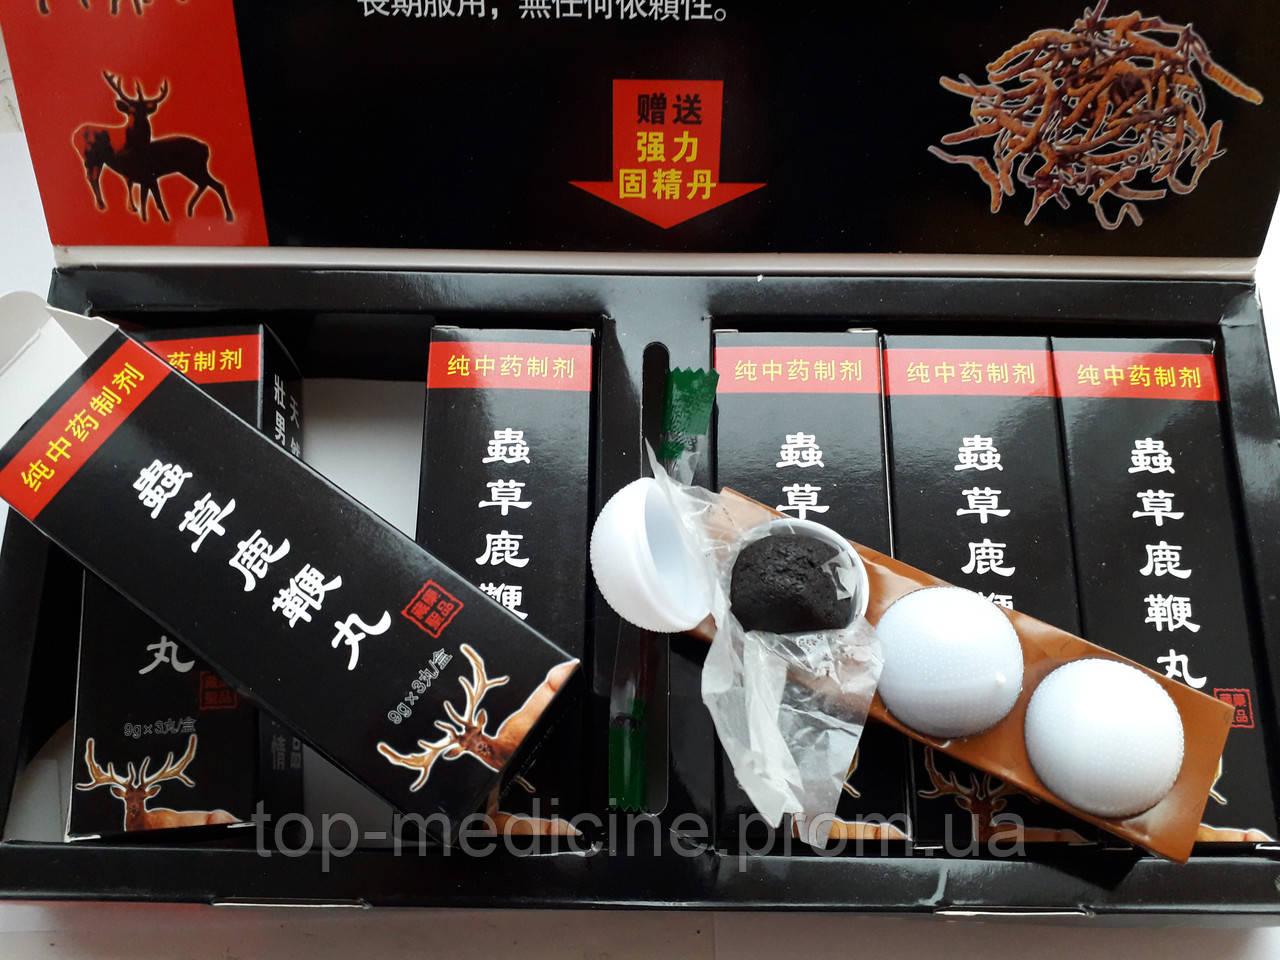 Китайские шарики  .3 шт  для потенции и улучшения работы почек.